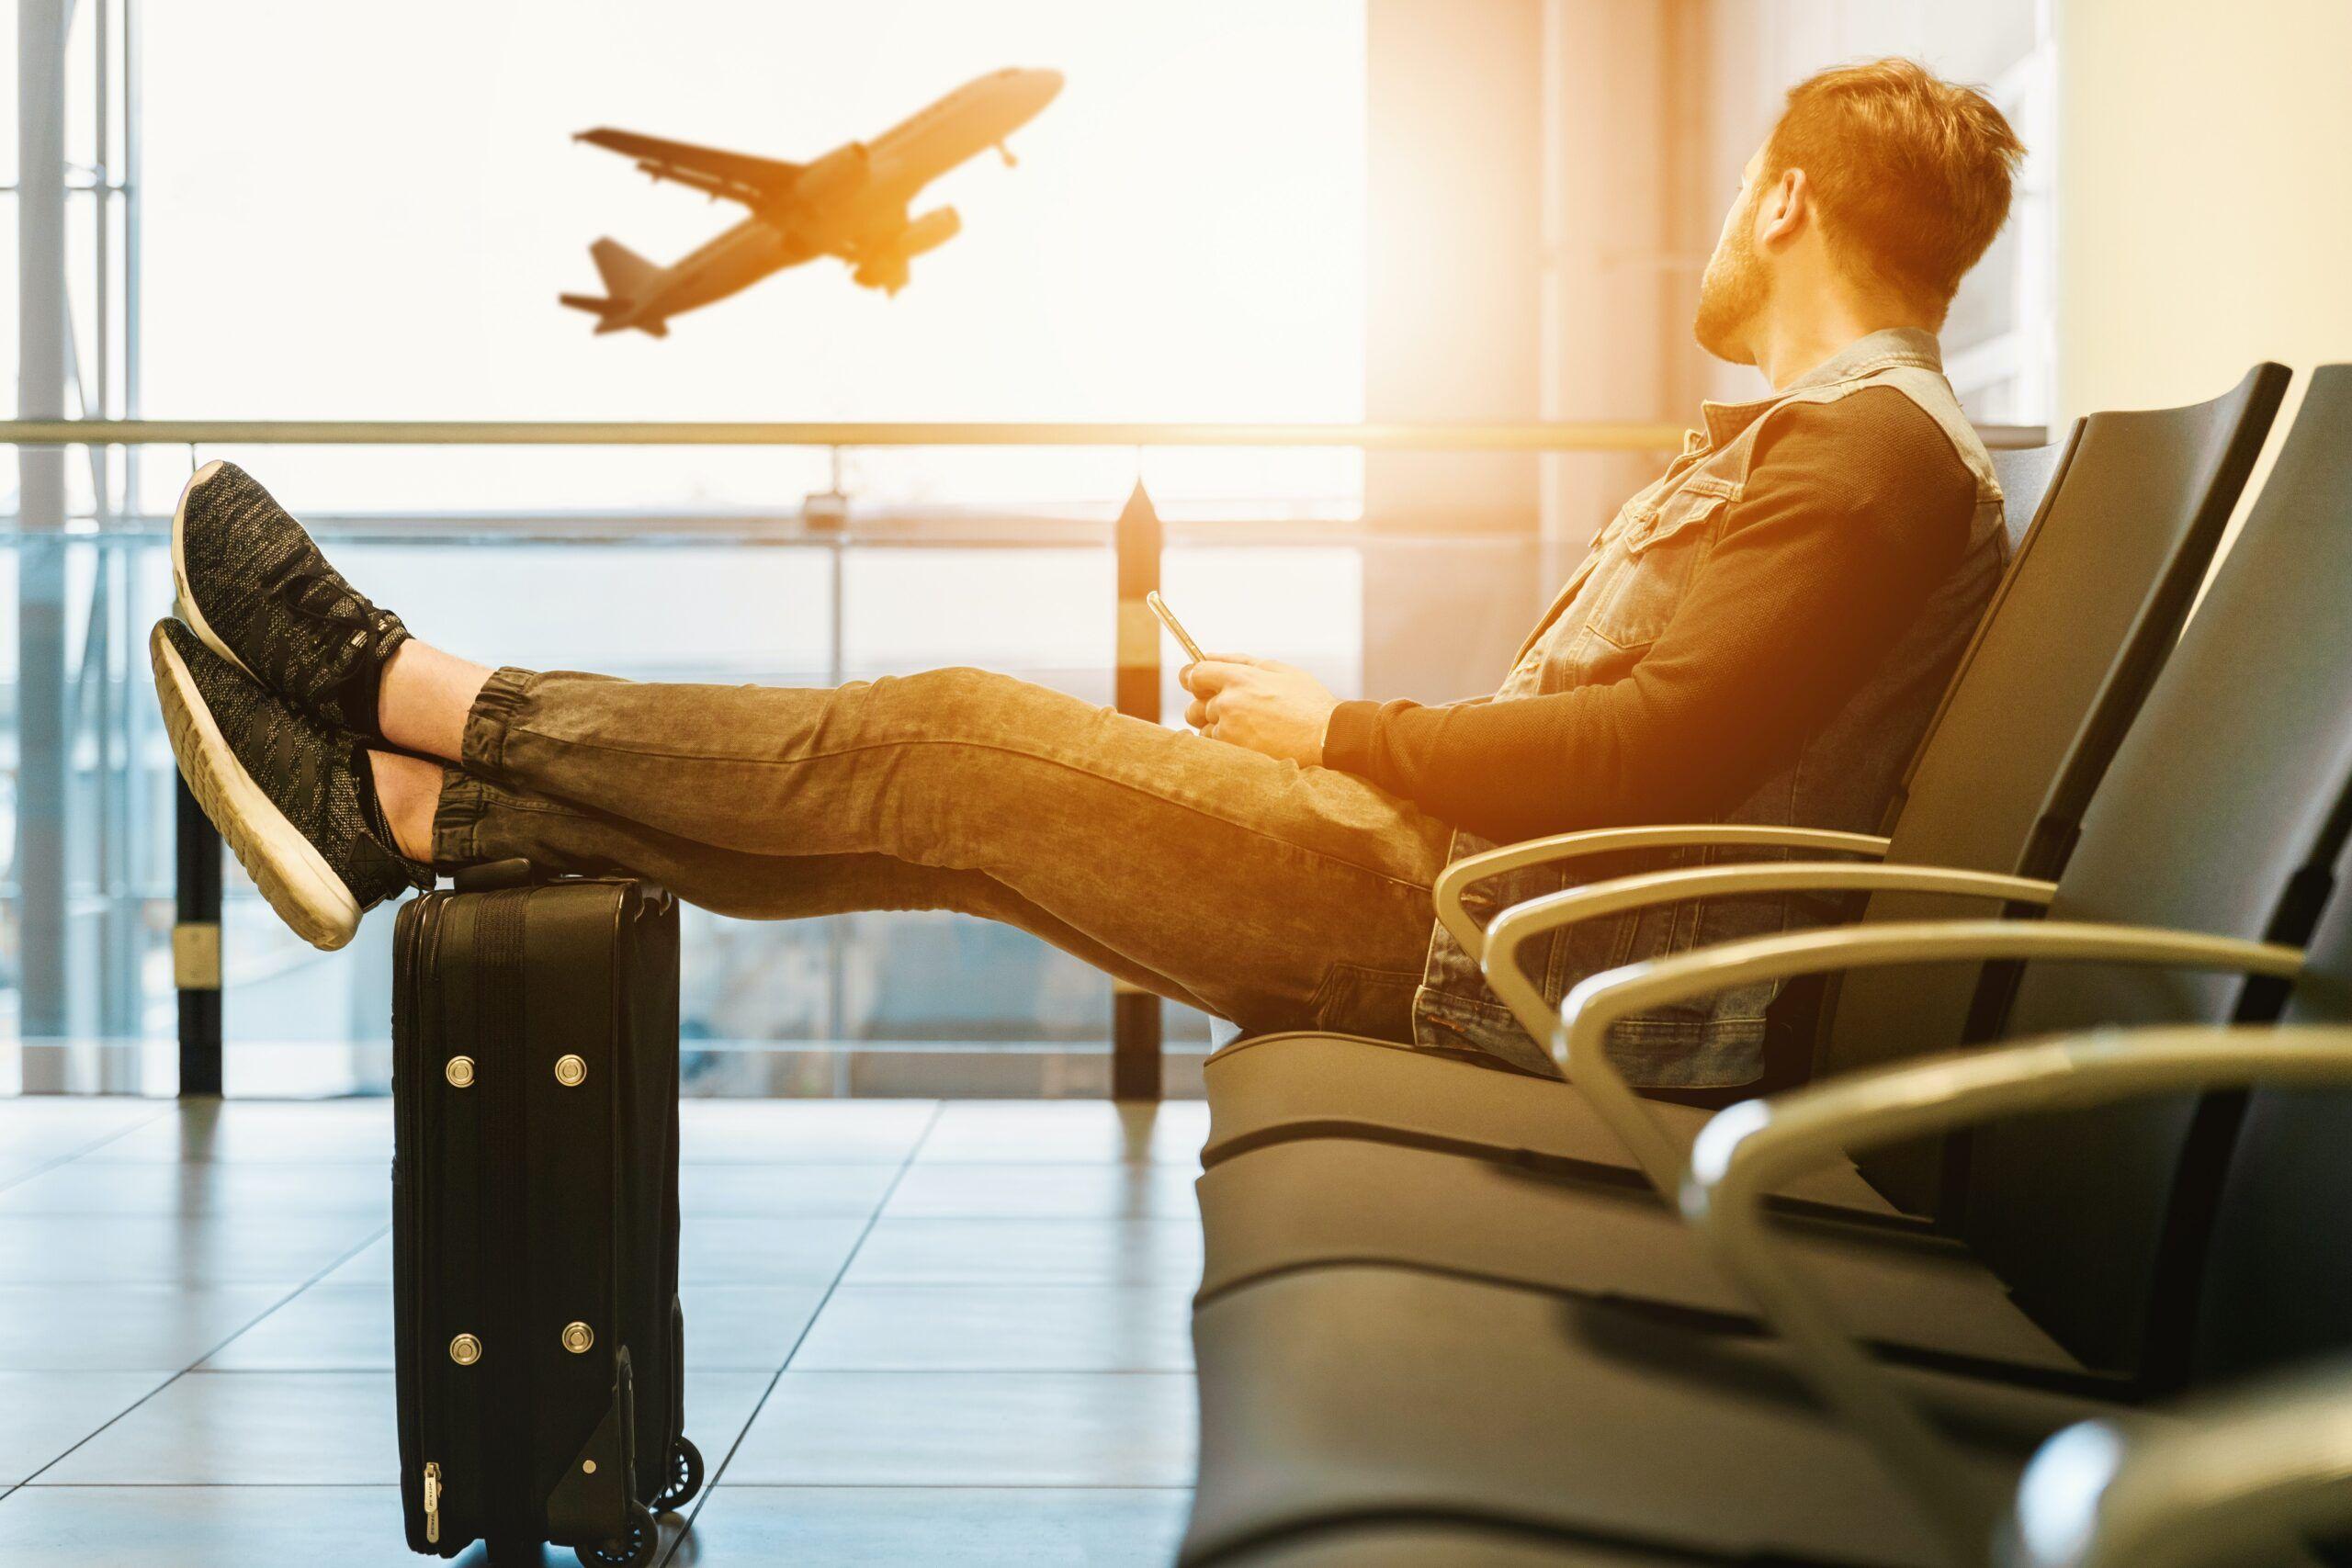 transportar vino en el avión